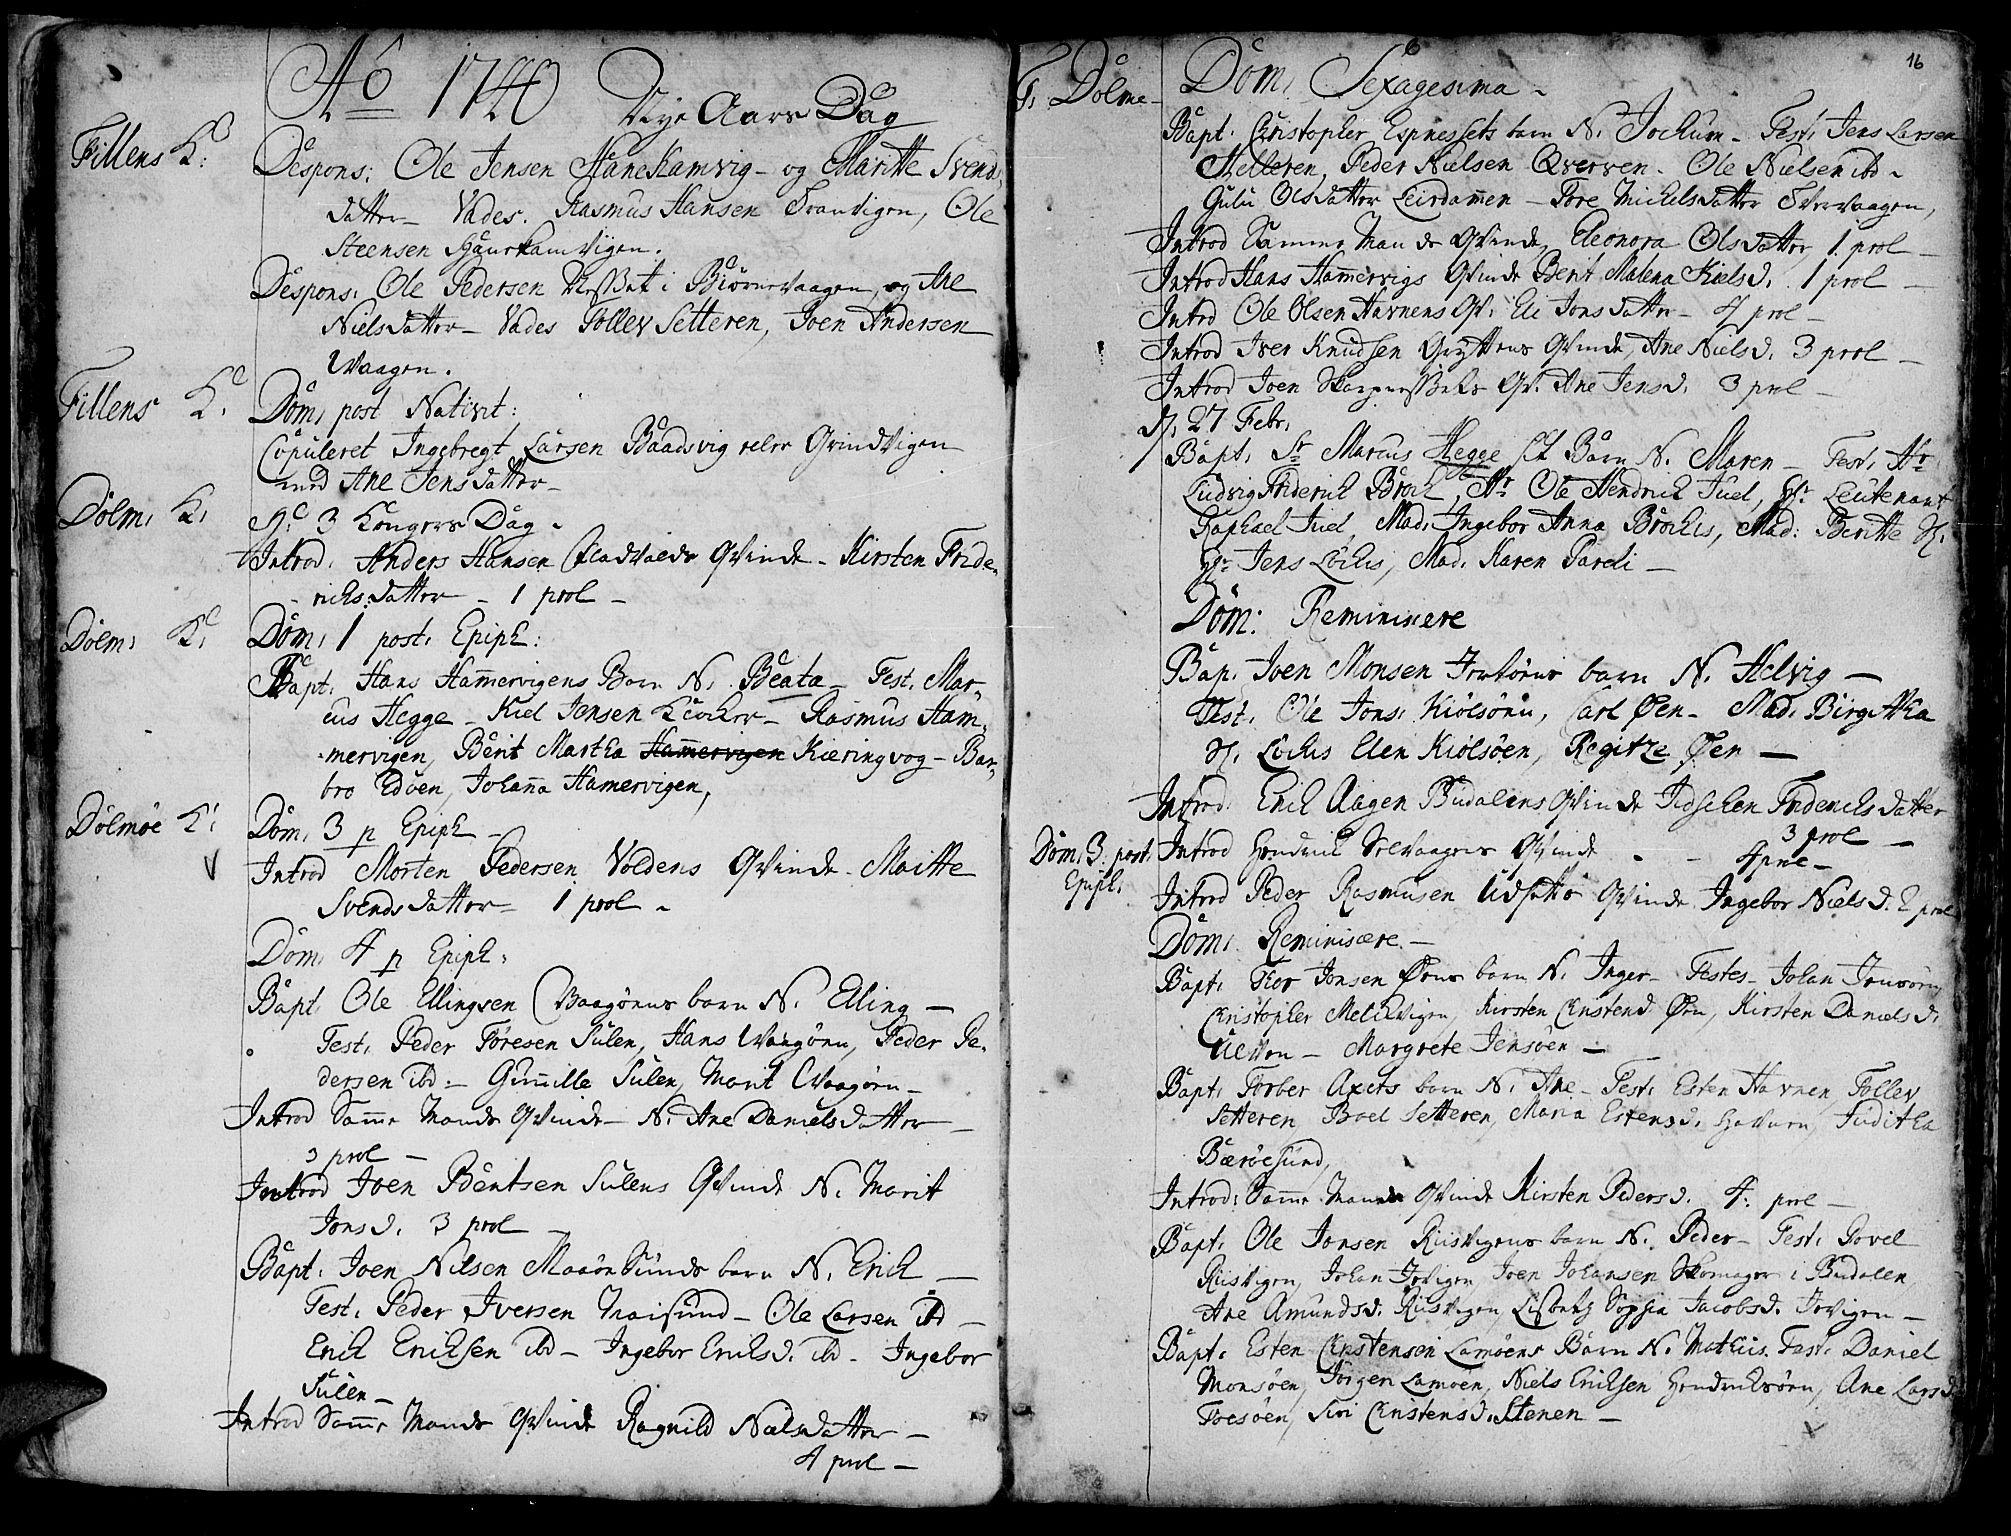 SAT, Ministerialprotokoller, klokkerbøker og fødselsregistre - Sør-Trøndelag, 634/L0525: Ministerialbok nr. 634A01, 1736-1775, s. 16